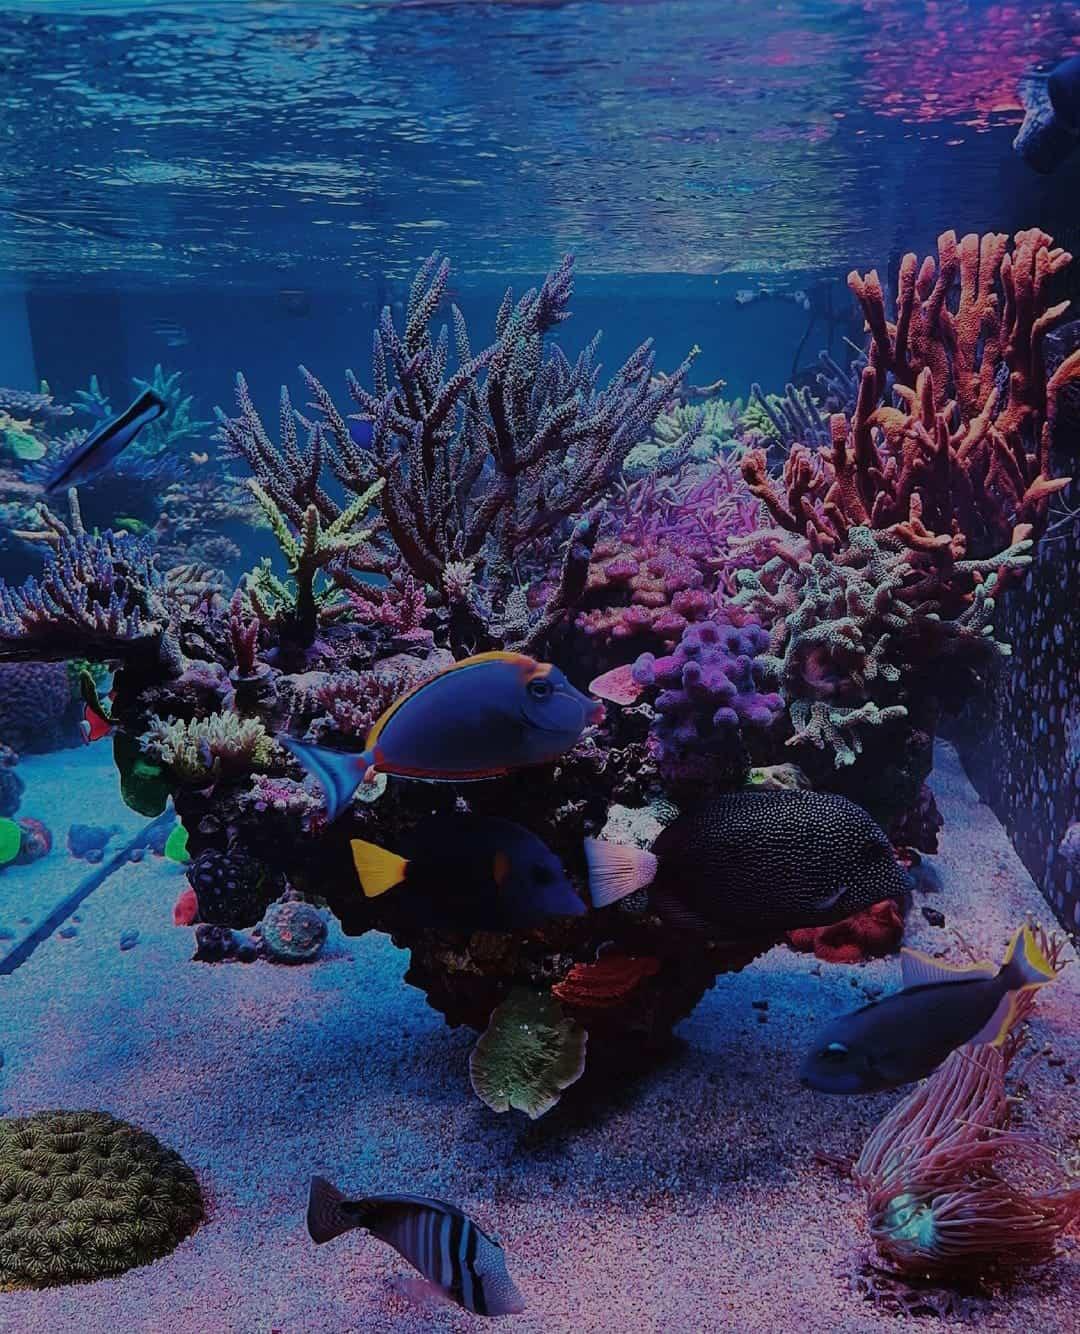 agua cristalina en acuario marino